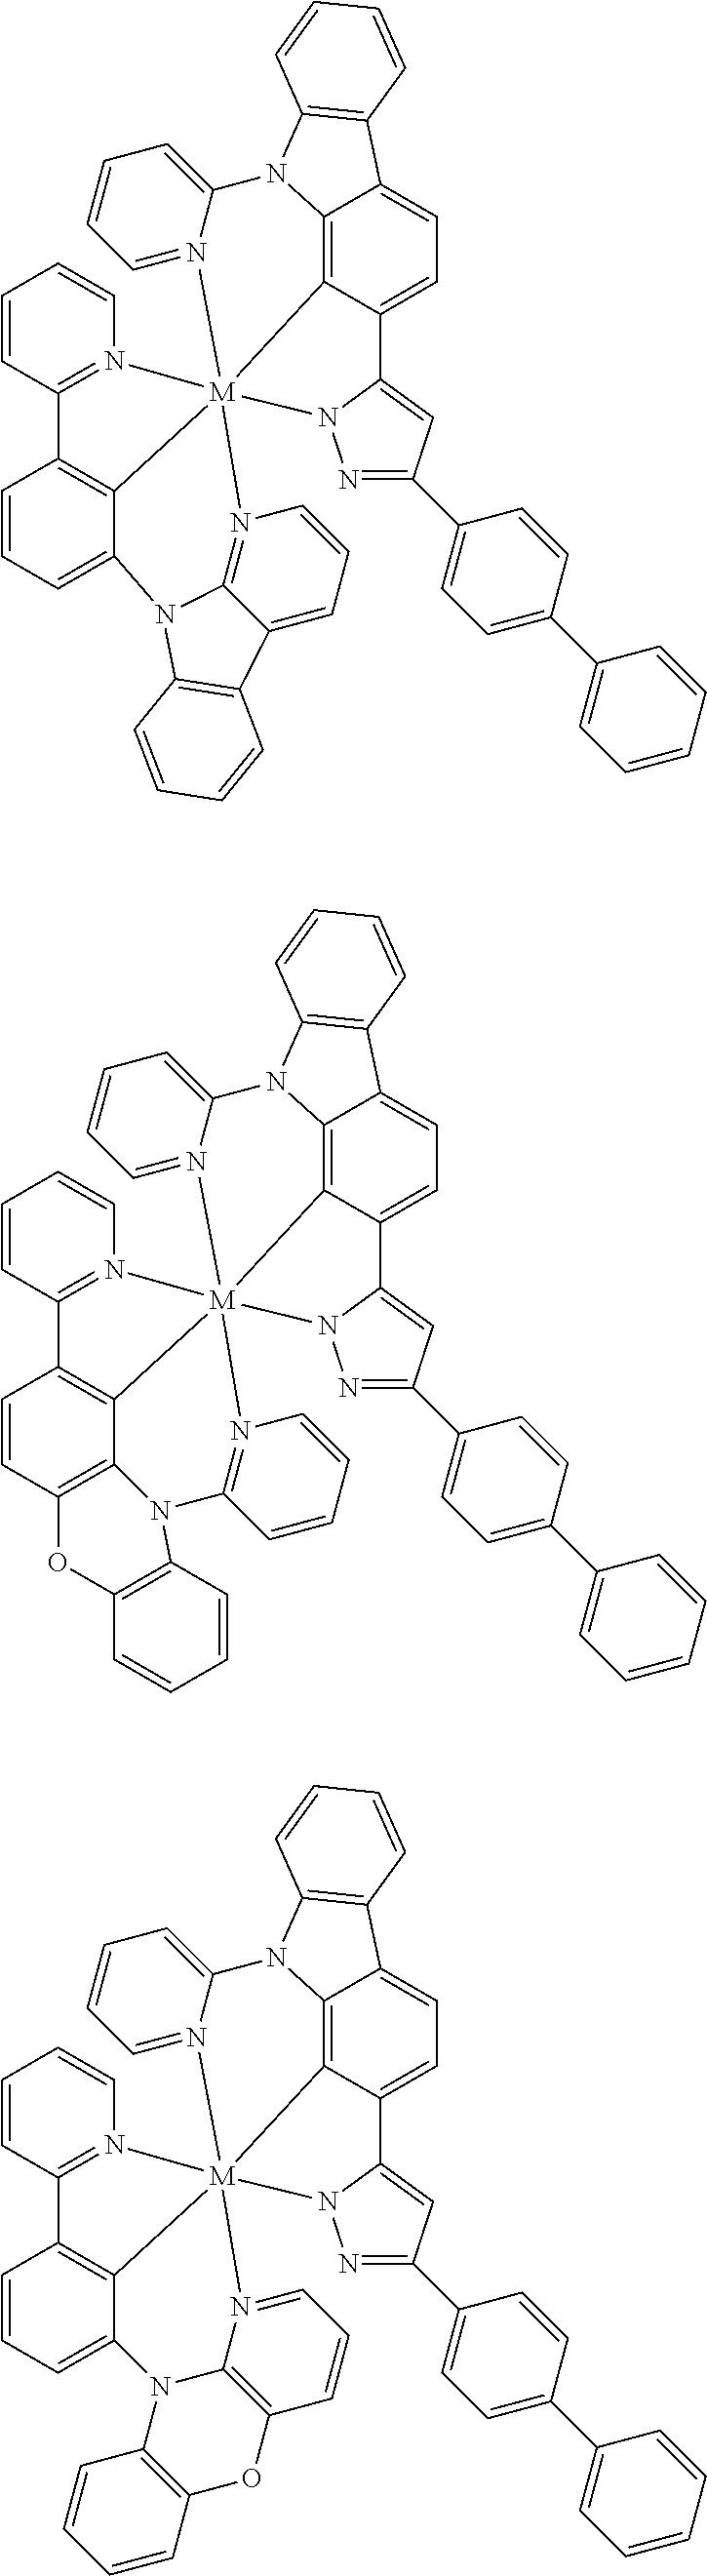 Figure US09818959-20171114-C00429